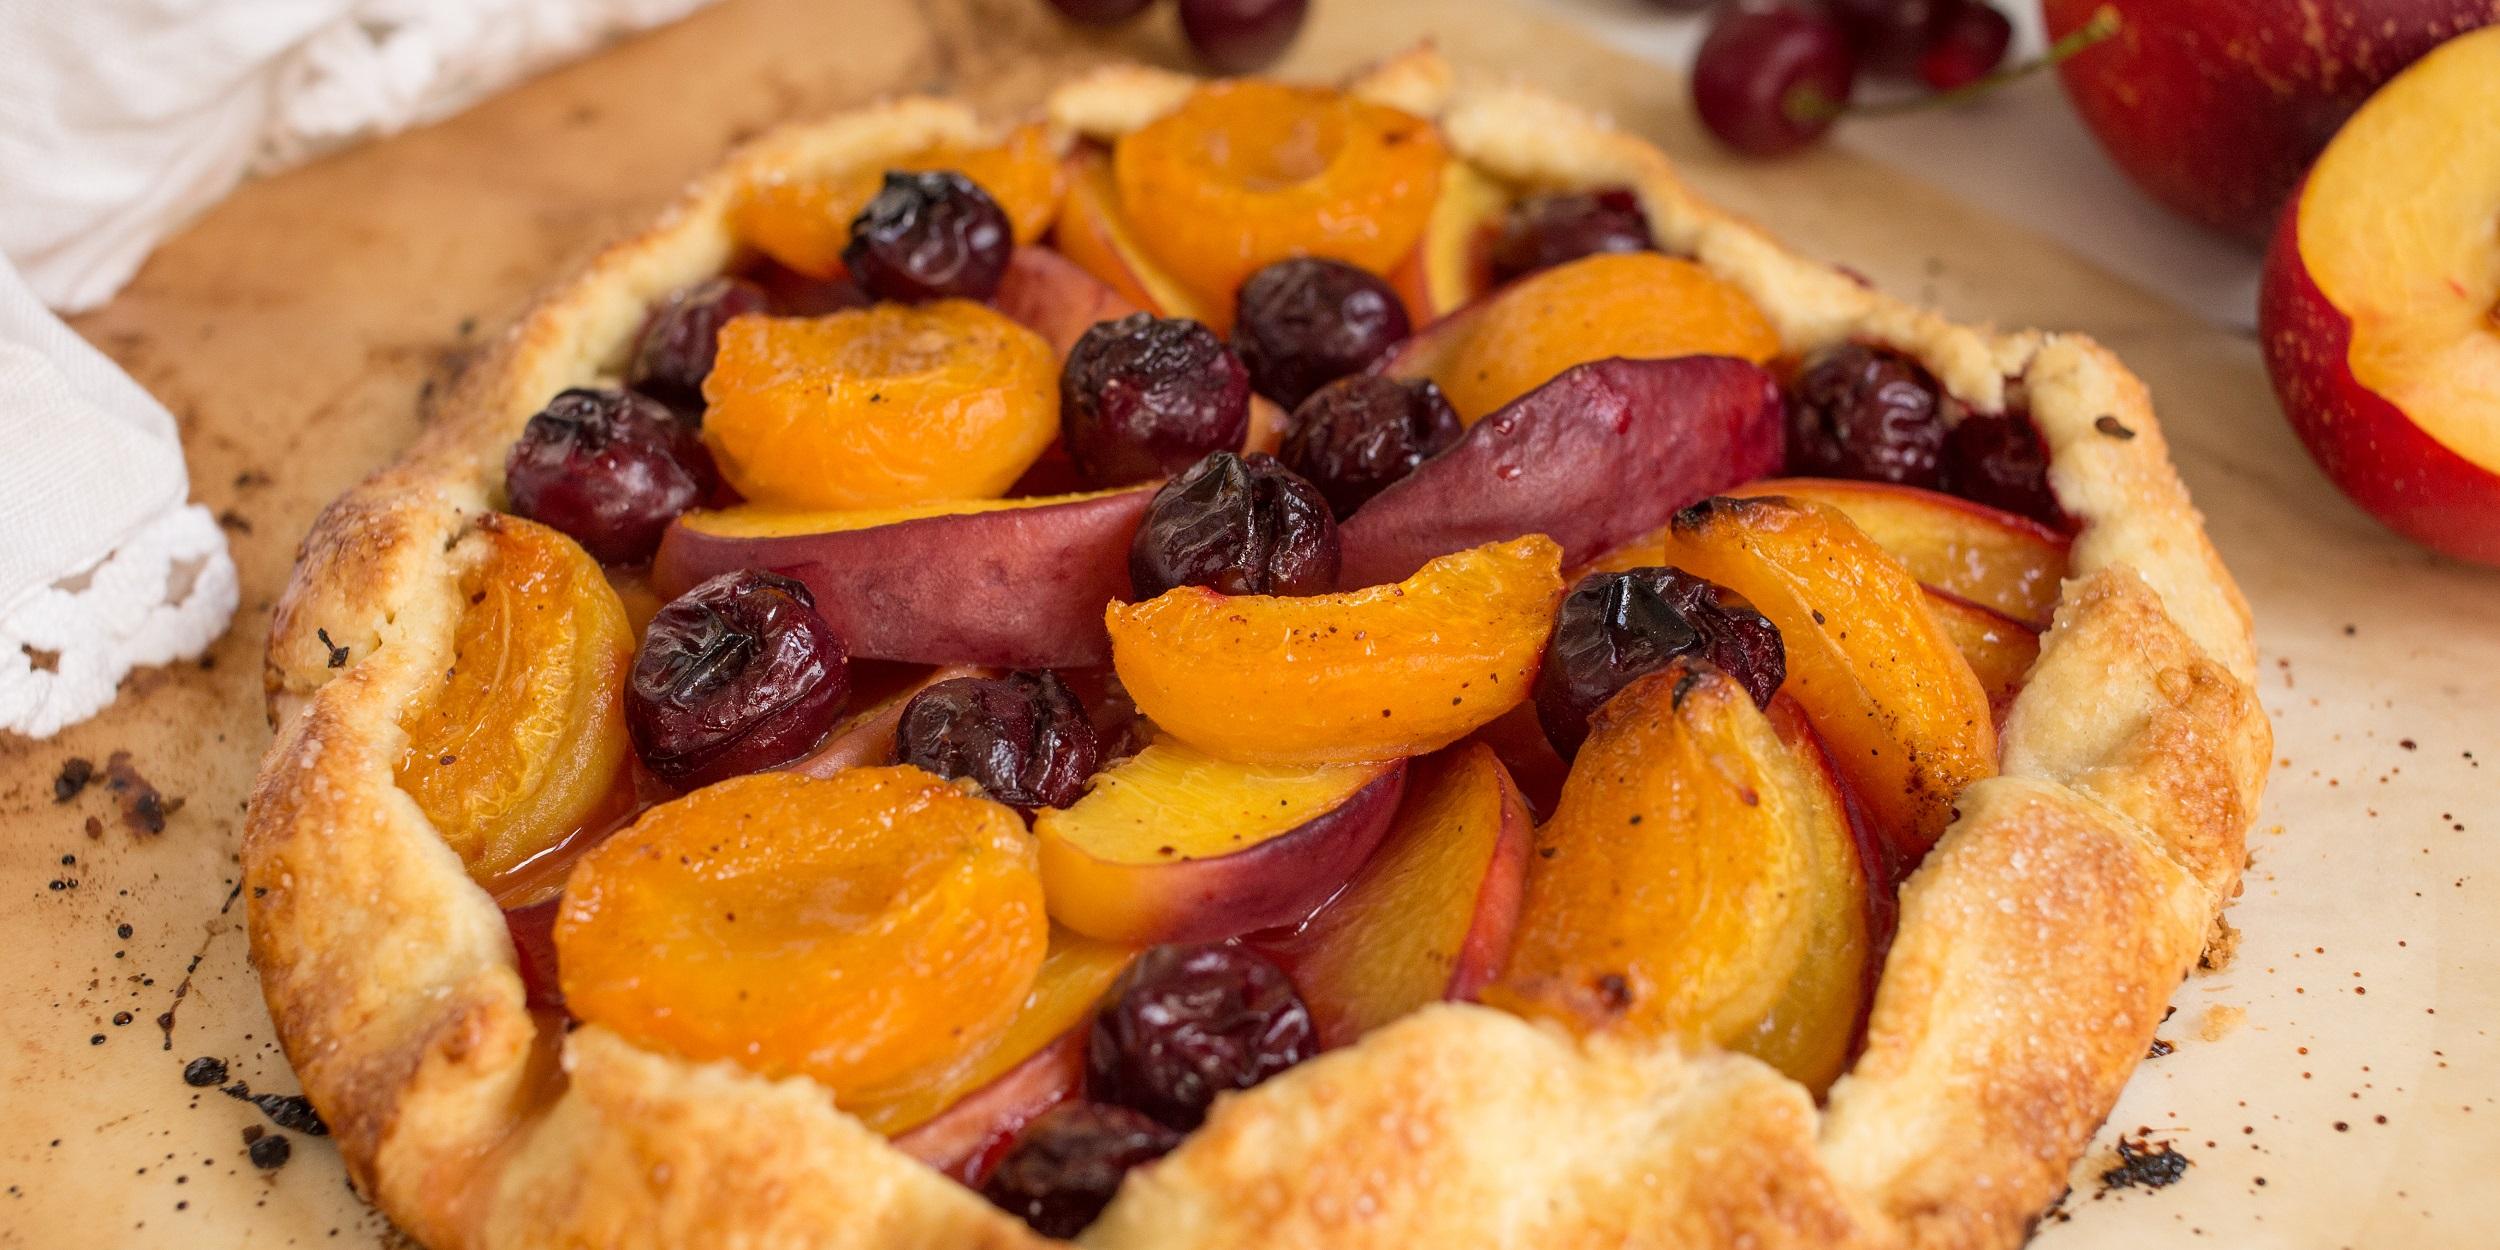 Рассыпчатая галета с фруктами и ягодами